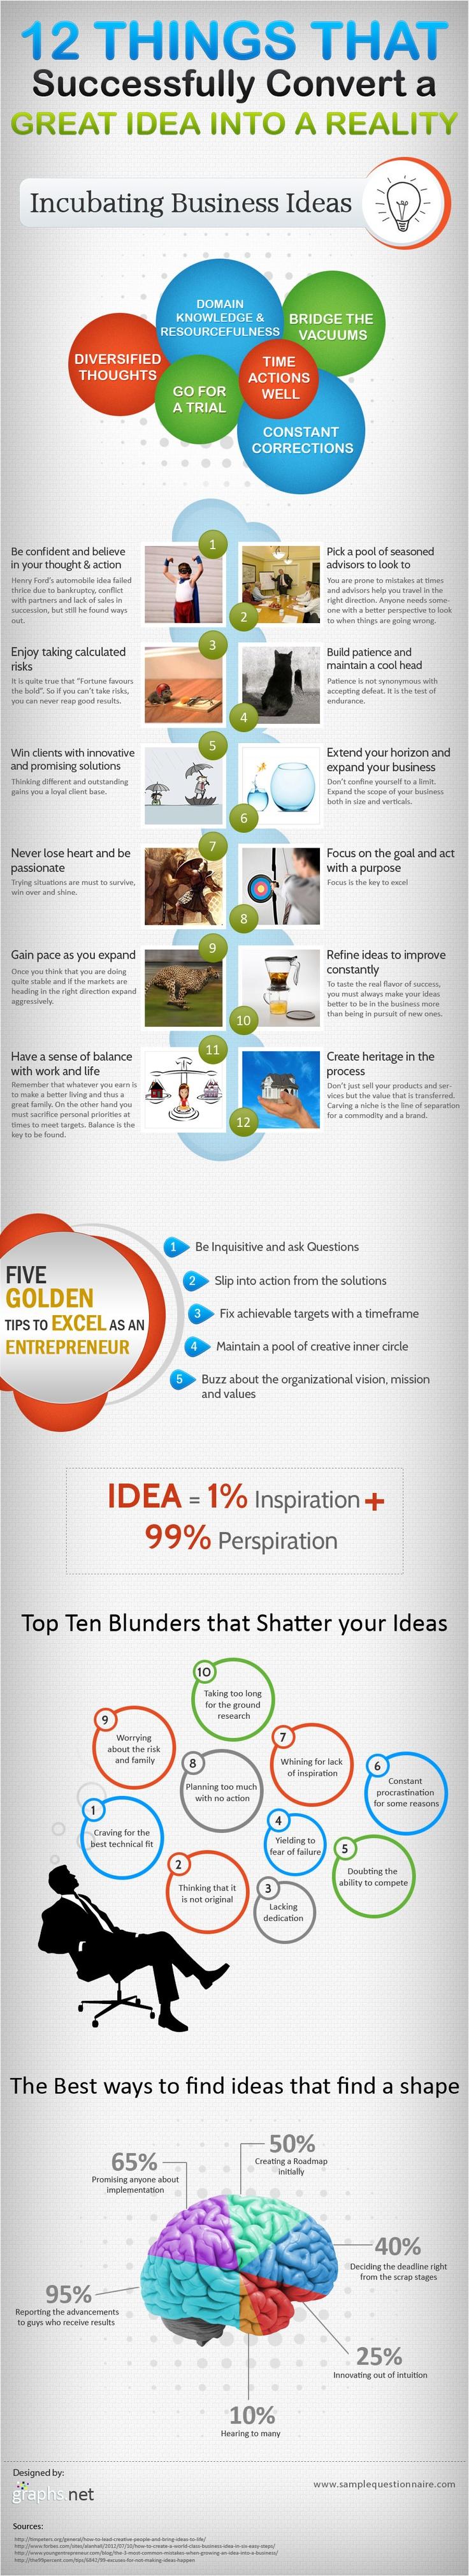 12 Ways to Take Action